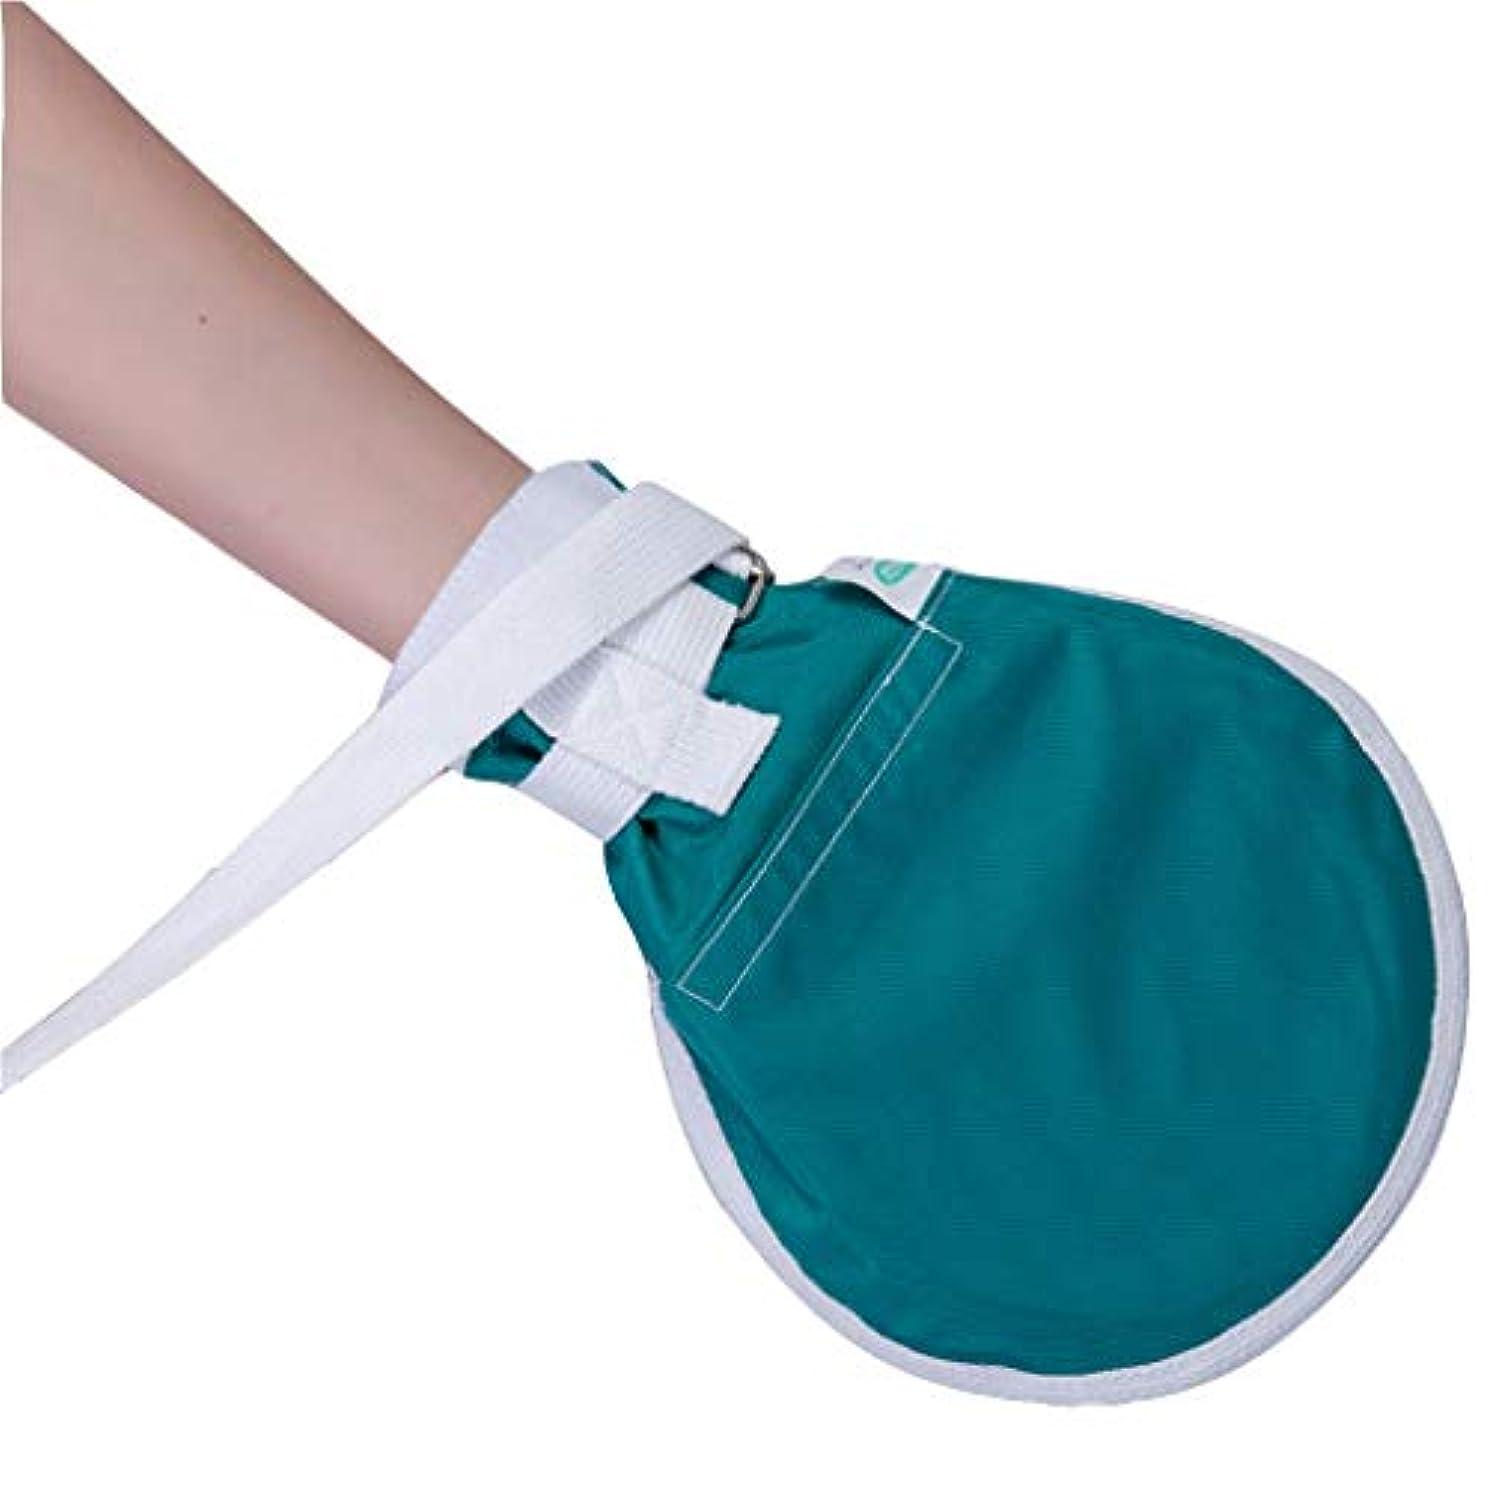 製造業増加するボーカル医療用拘束手袋 - 予防患者の傷自己牽引式引っ張りチューブ、自己怪我、ベッドレスト